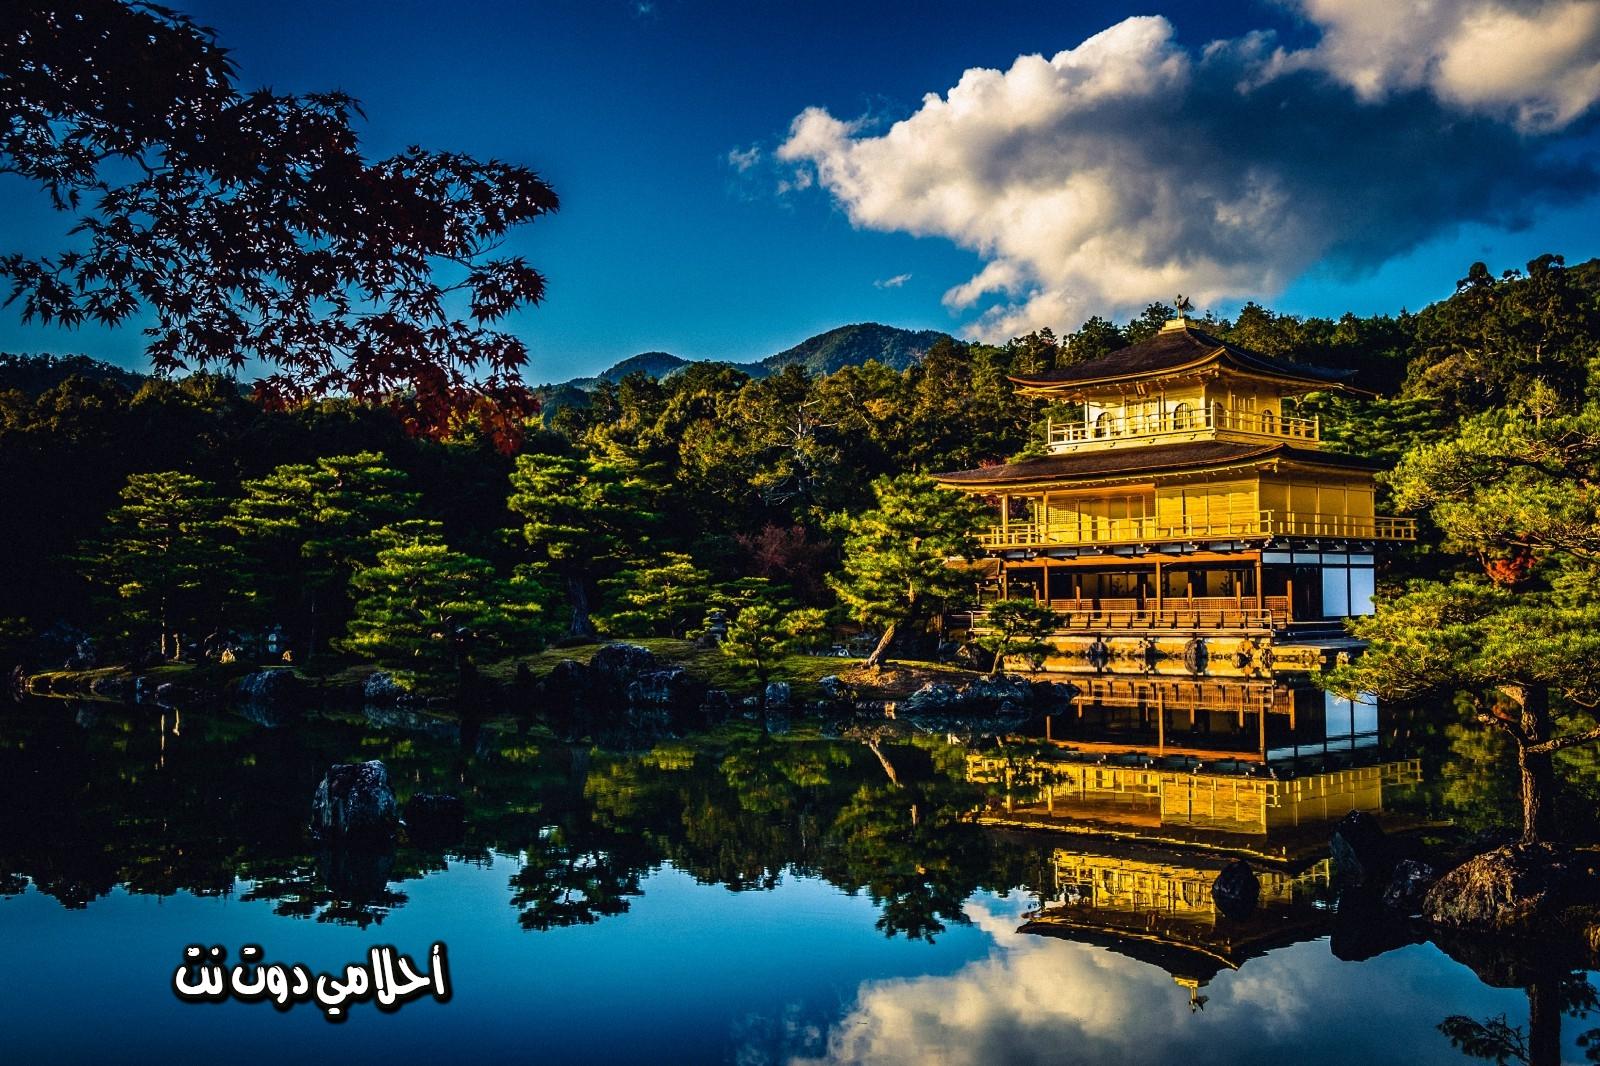 معبد كينكاكوجي بطوكيو